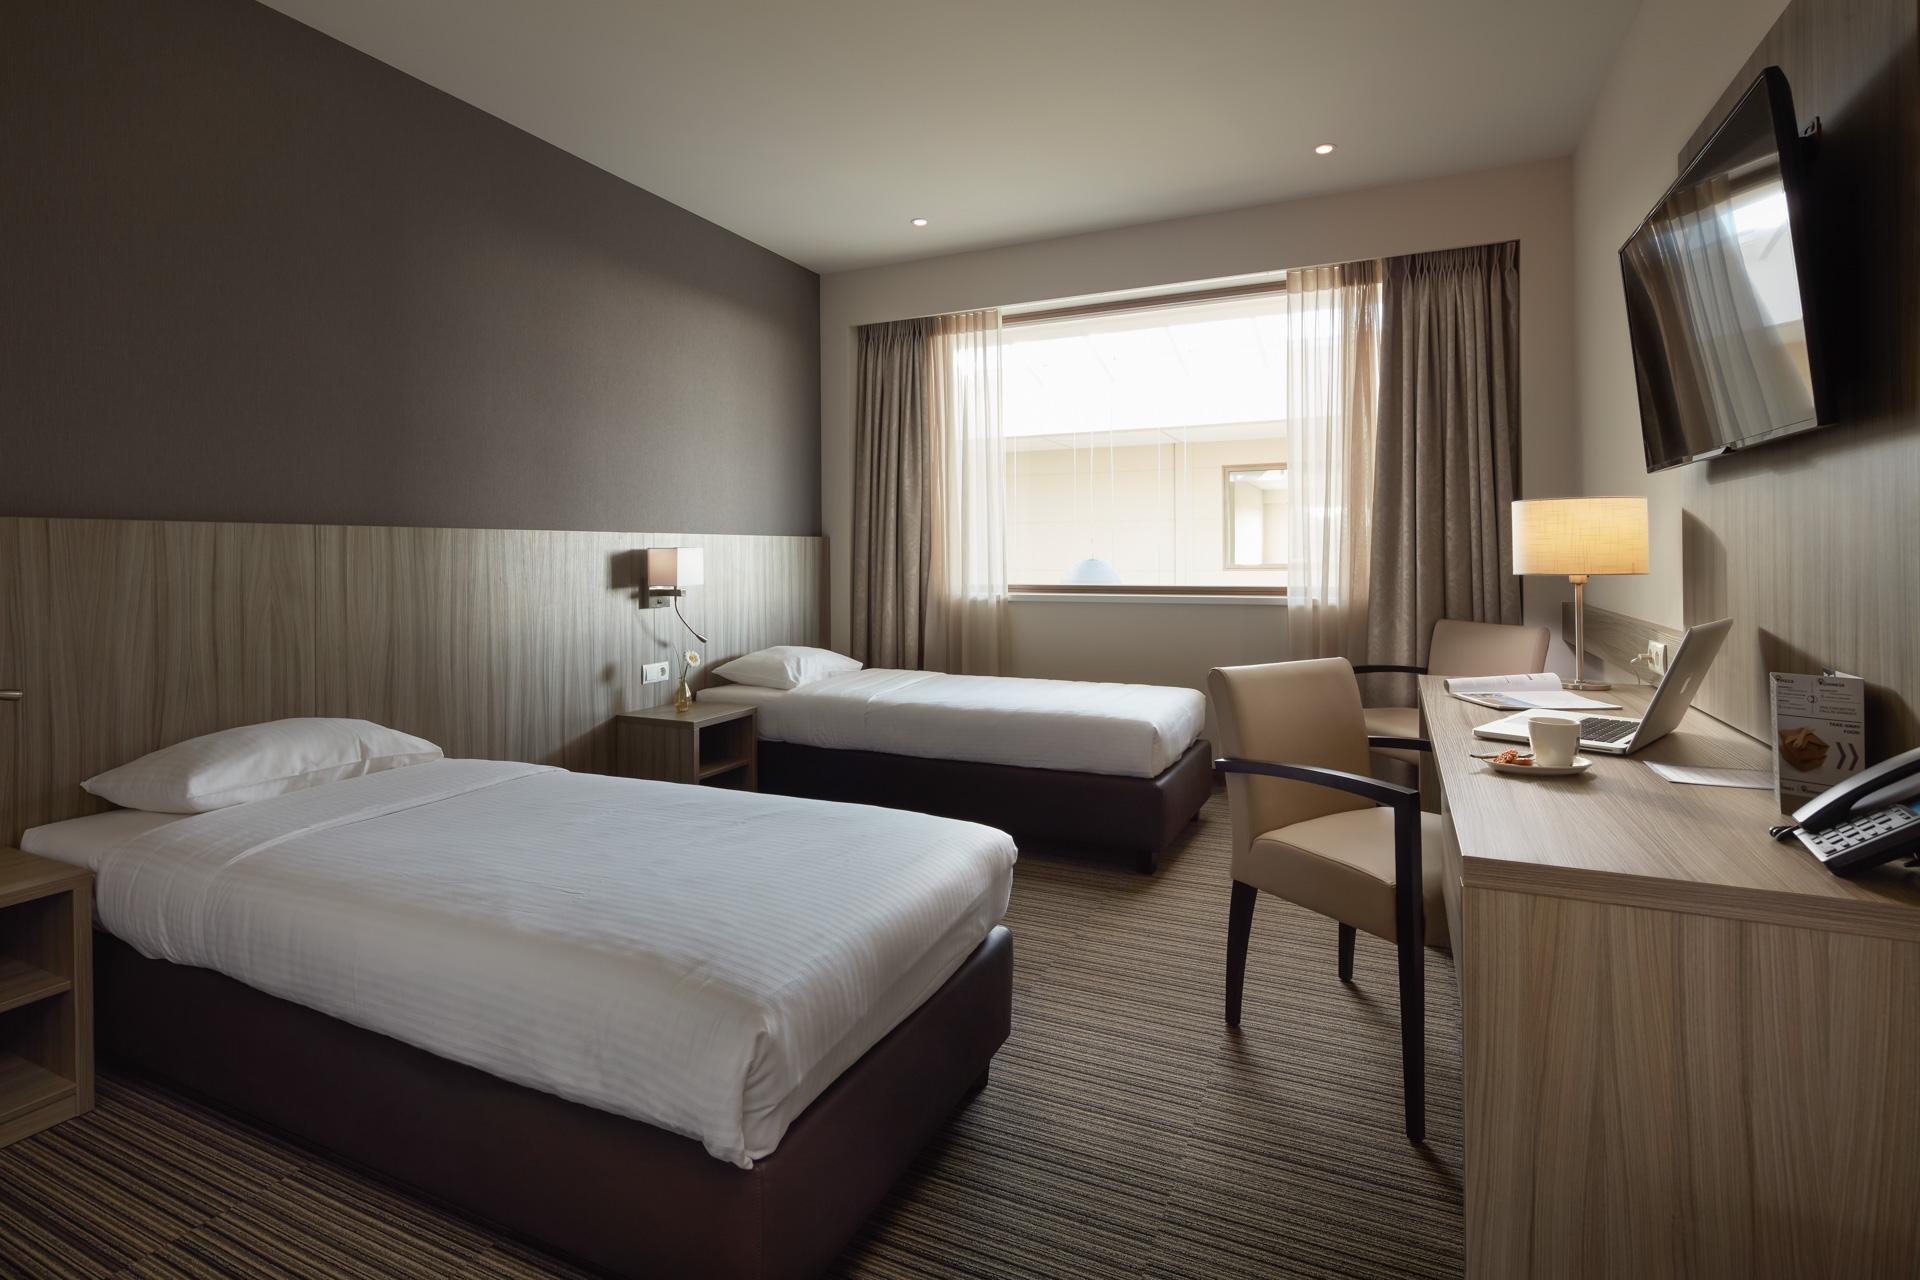 Beringen | Interieur hotelkamer met twee enkel bedden en laptop op bureau